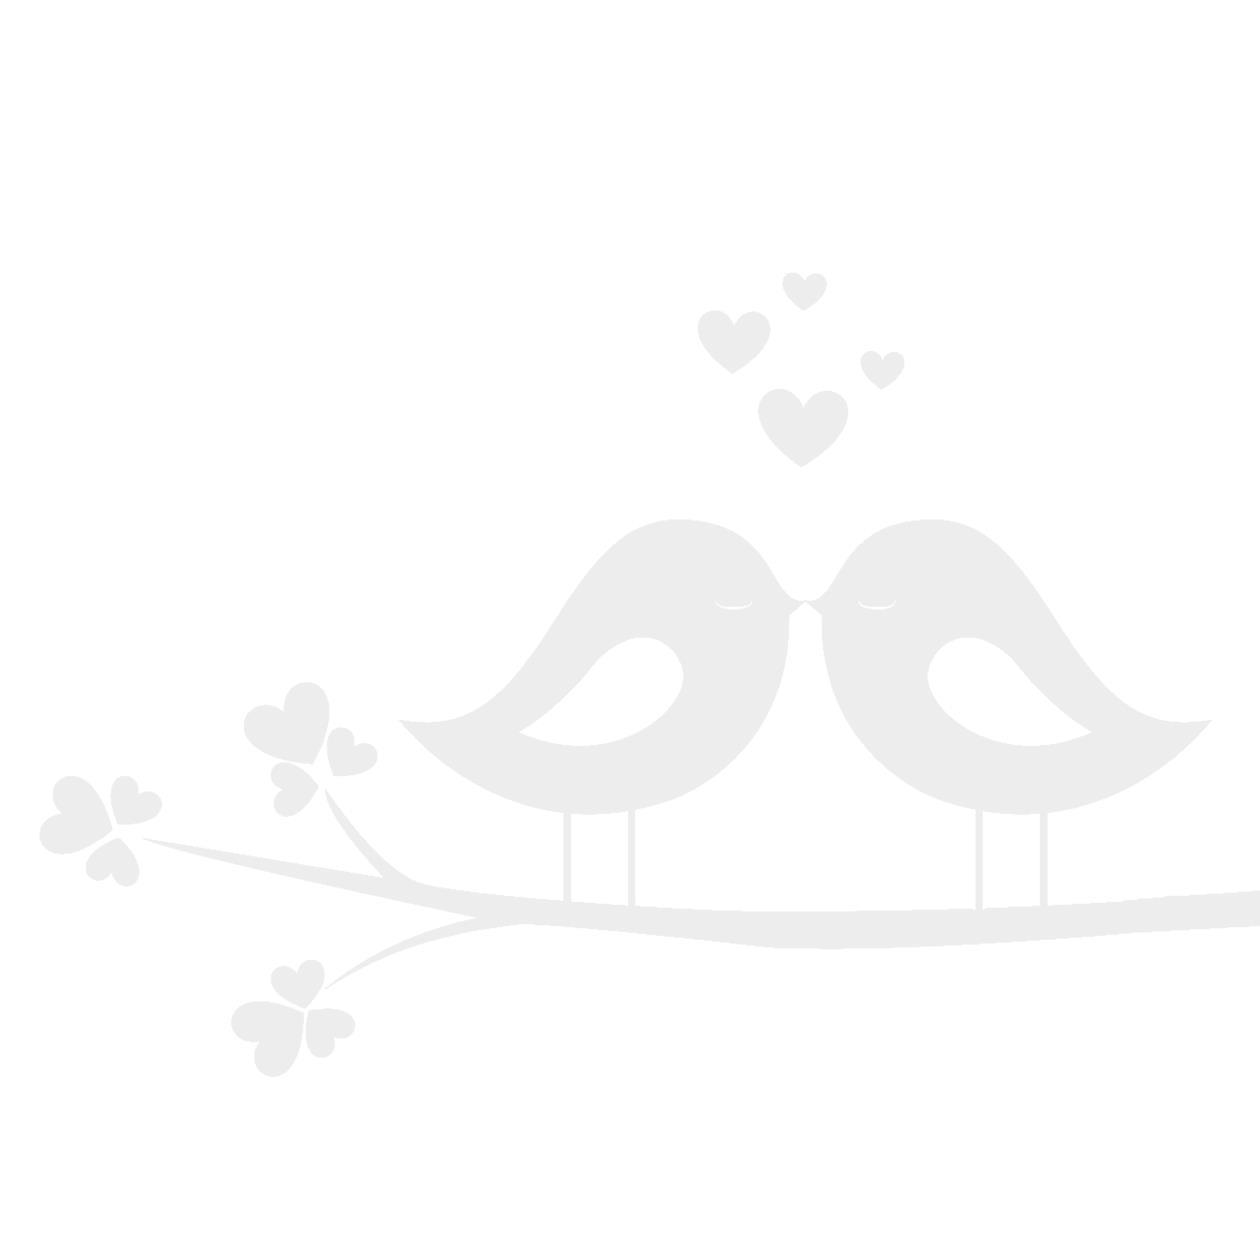 1210111, tofugler, lysegrå